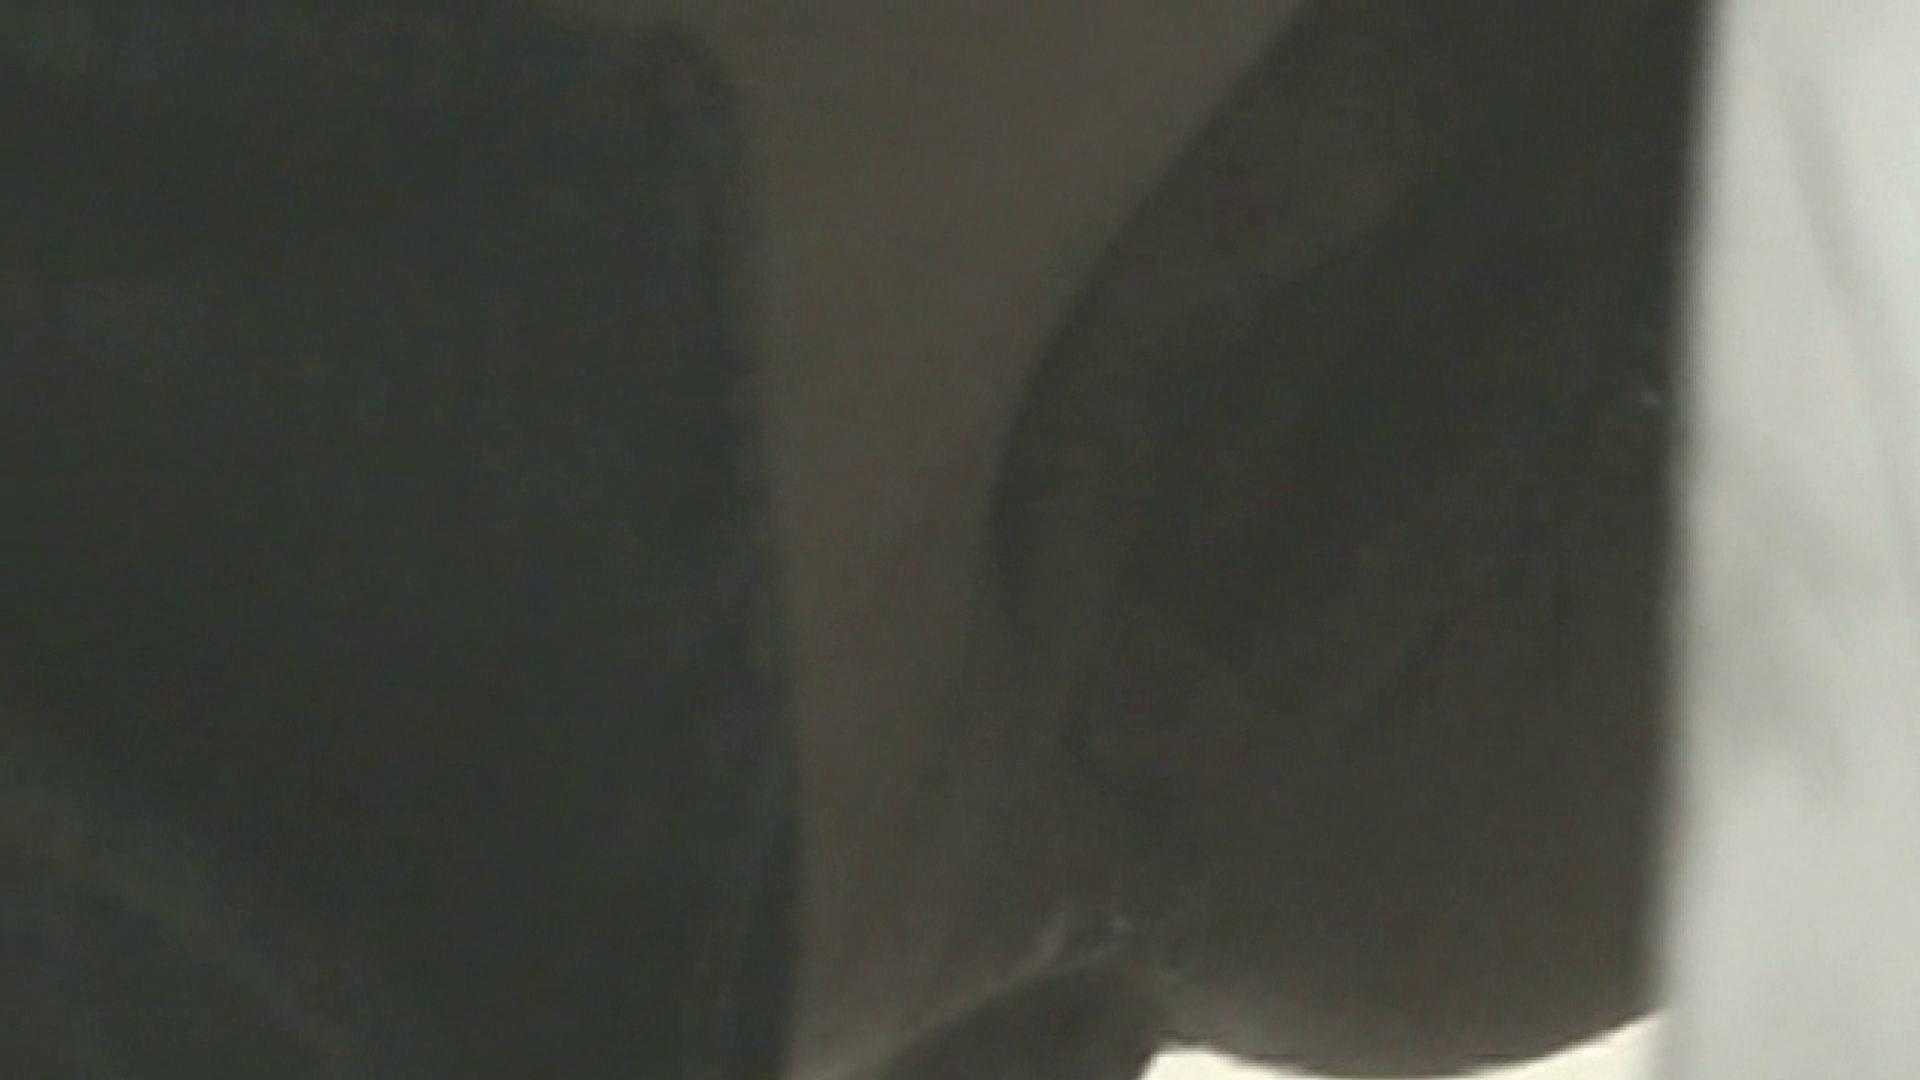 ロックハンドさんの盗撮記録File.47 パンティ | 盗撮  100画像 1